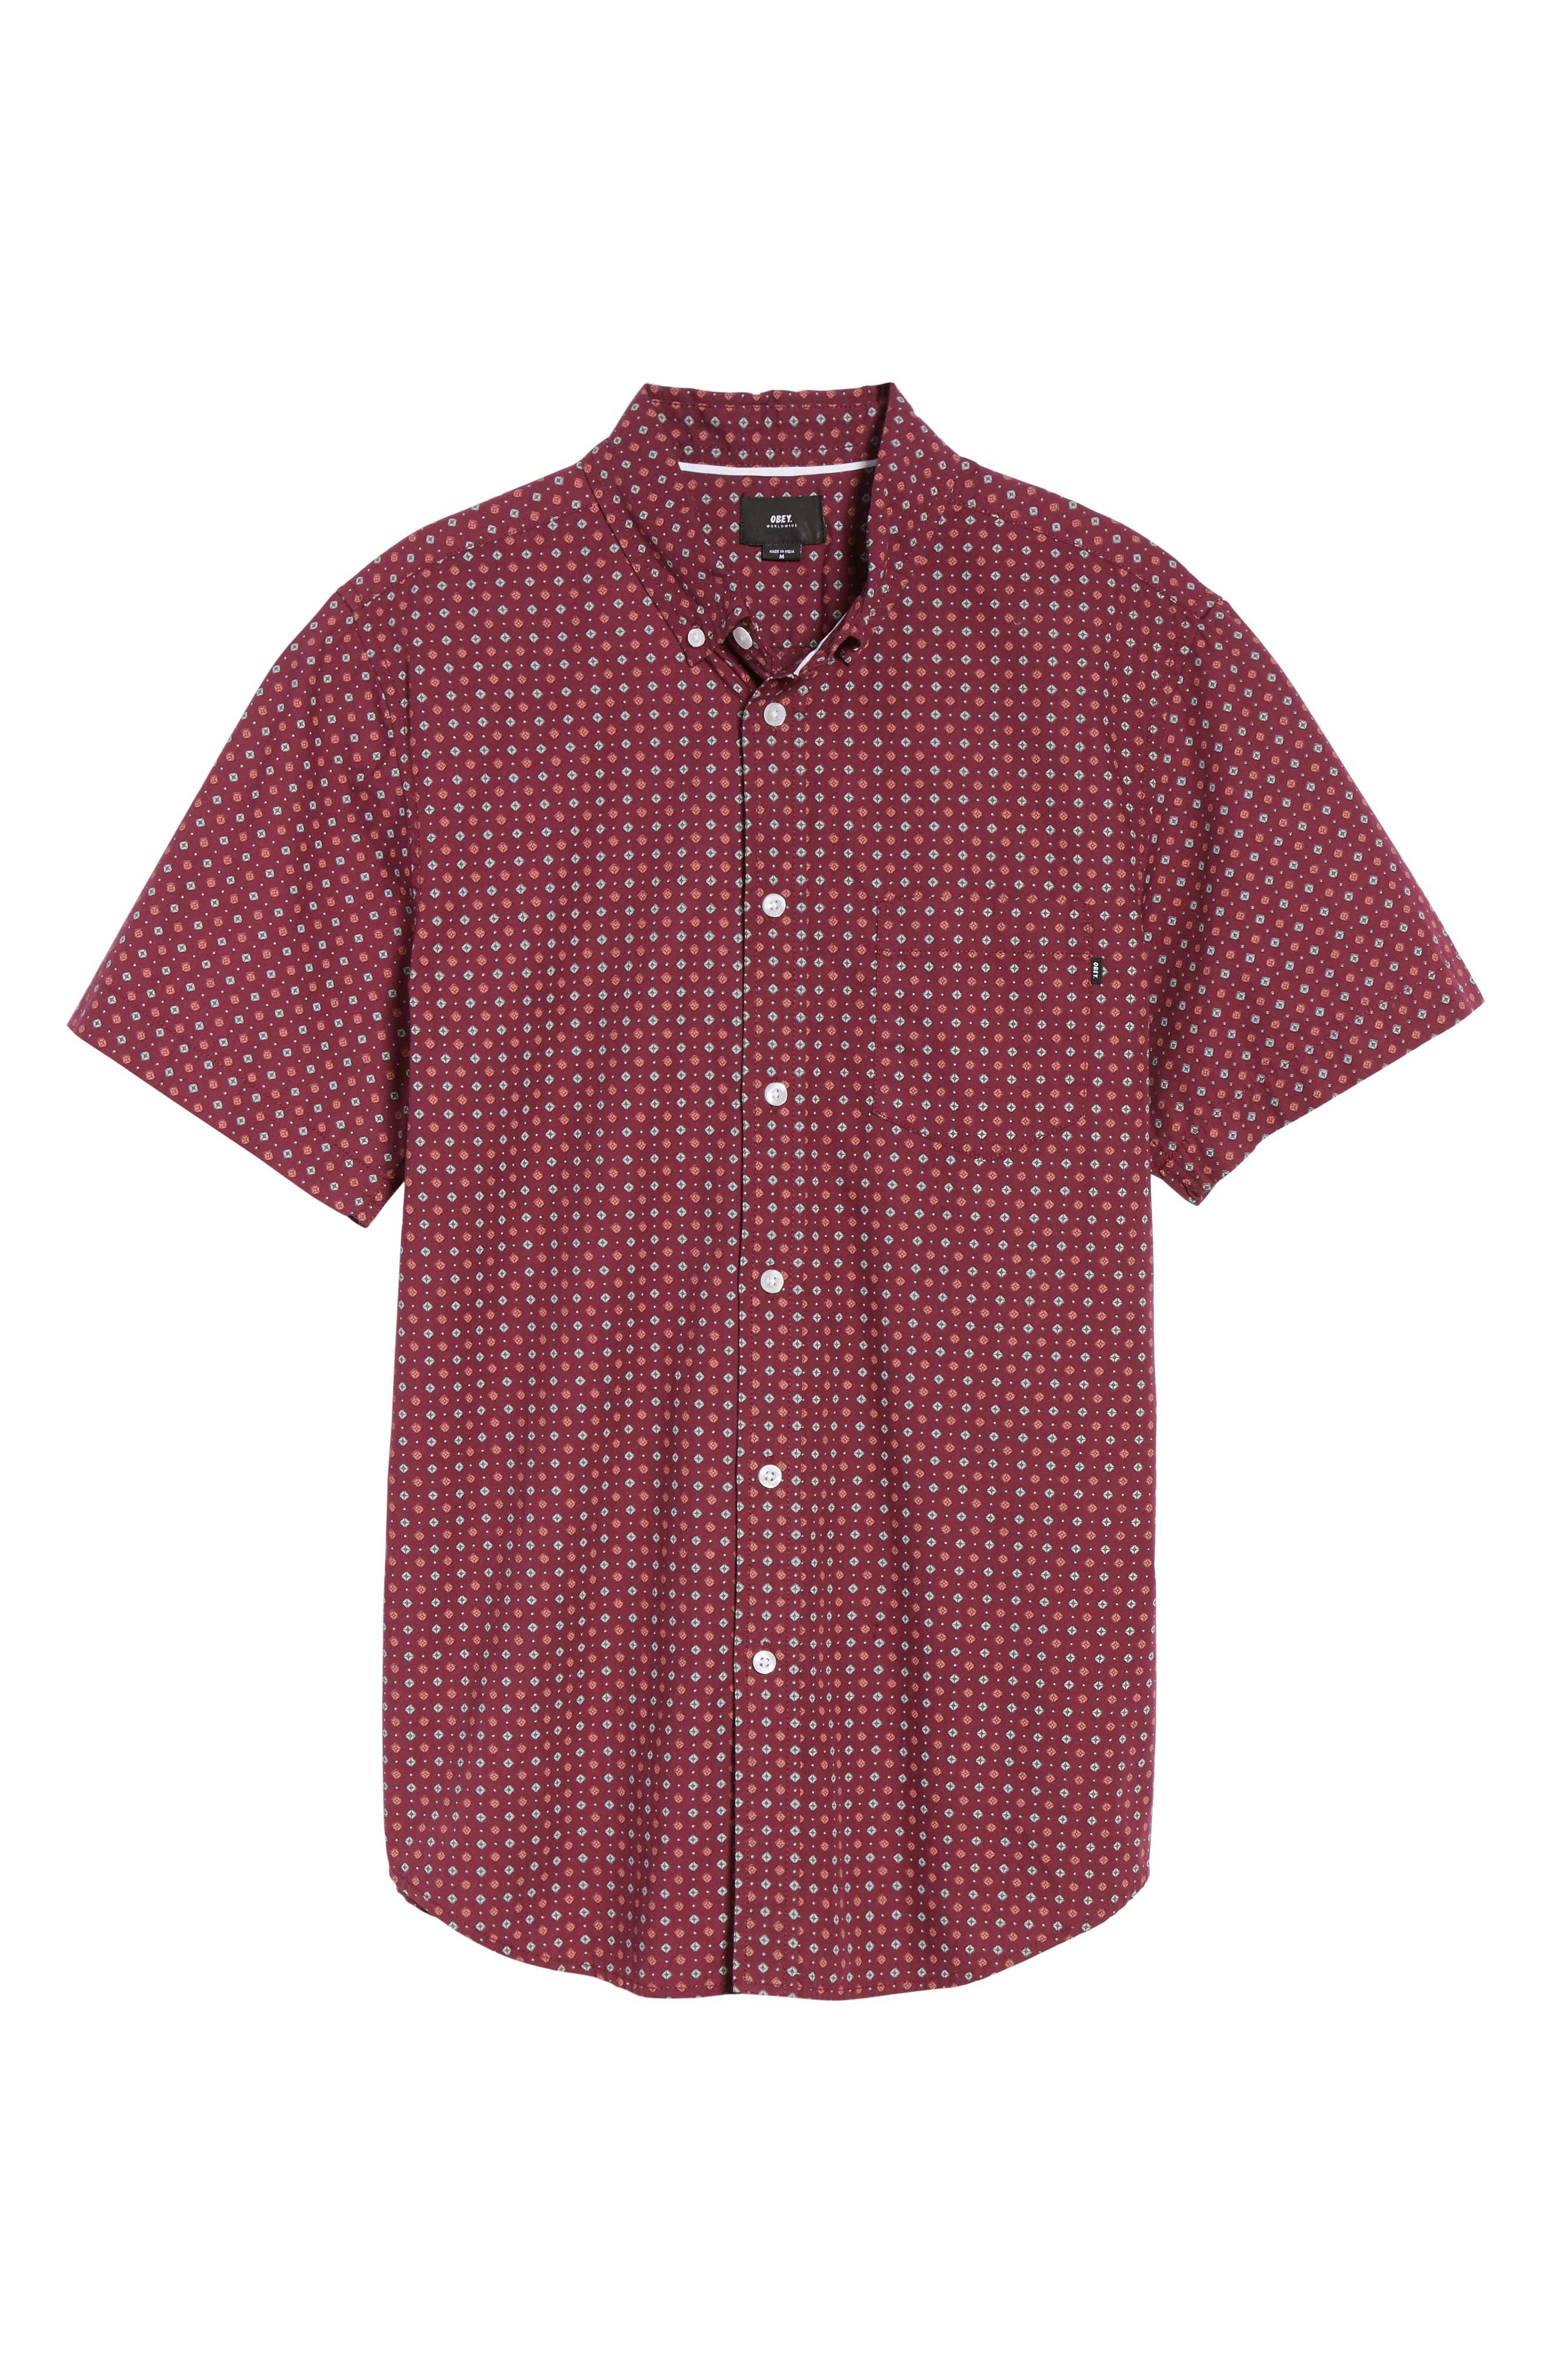 Sterling Woven Shirt,                             Alternate thumbnail 6, color,                             Raspberry Multi